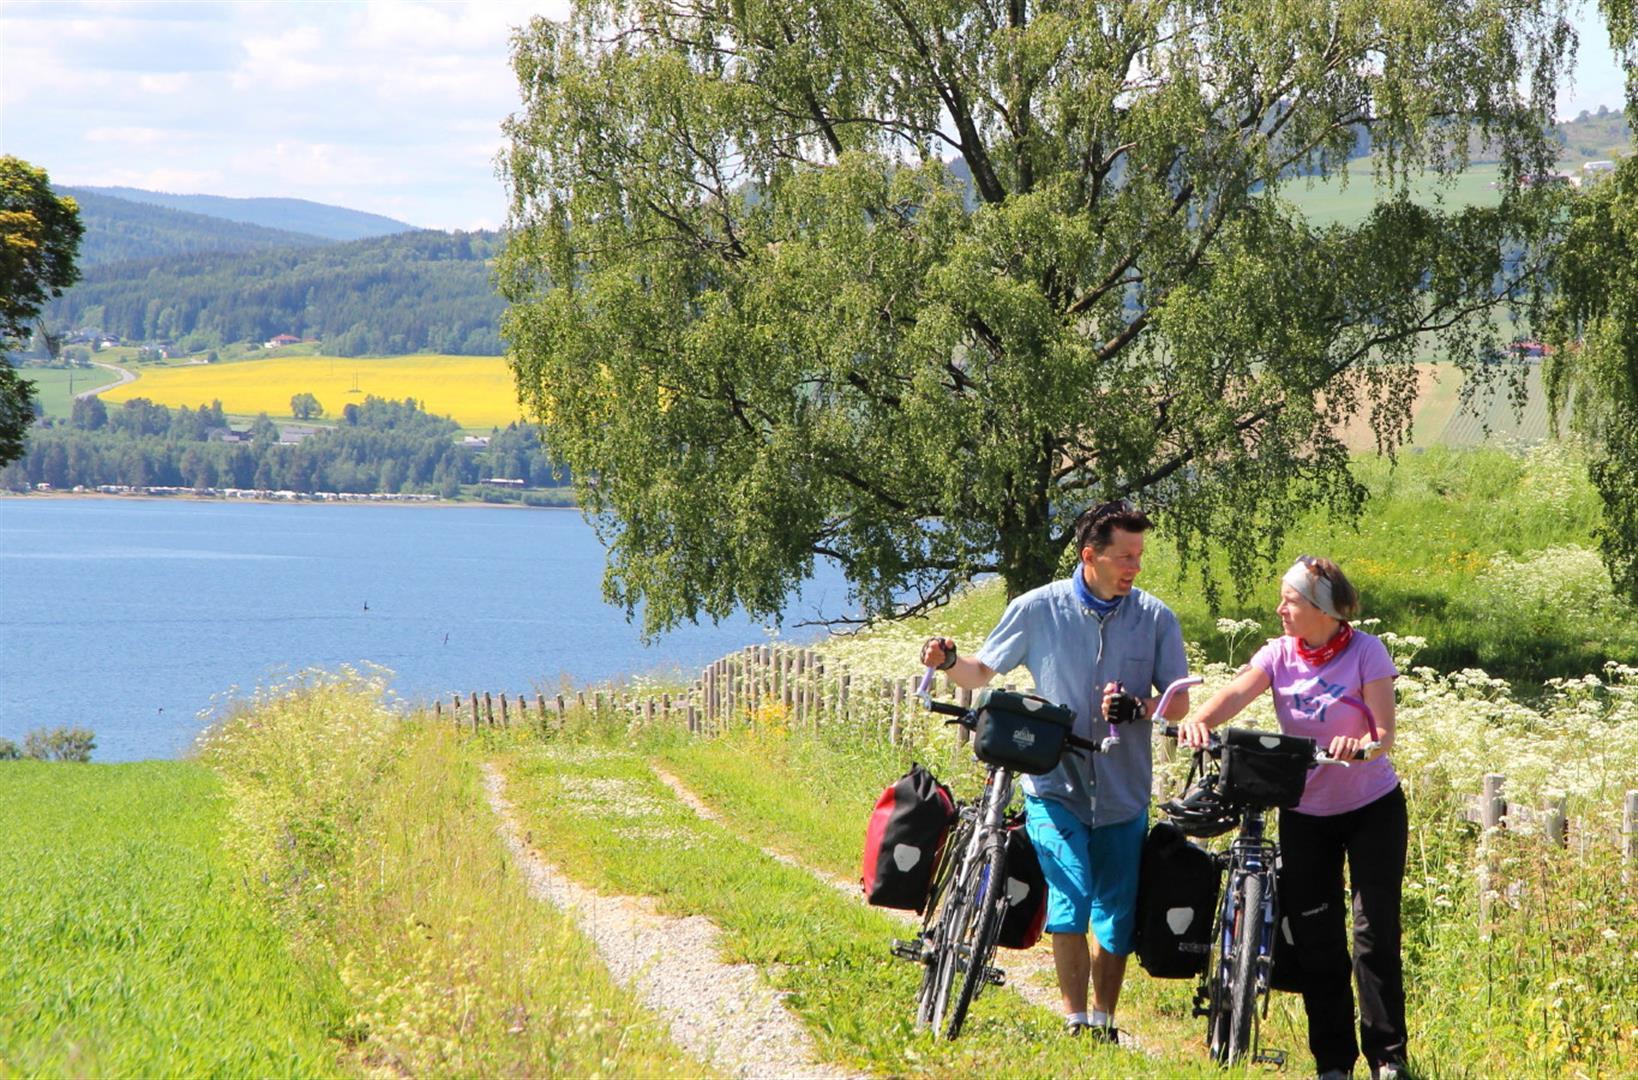 Øyvind er veldig begeistra for Neshalvøya i Mjøsa, som han mener tilbyr tursykling på småveier i fantastisk kulturlandskap. Alle foto: Øyvind Wold.